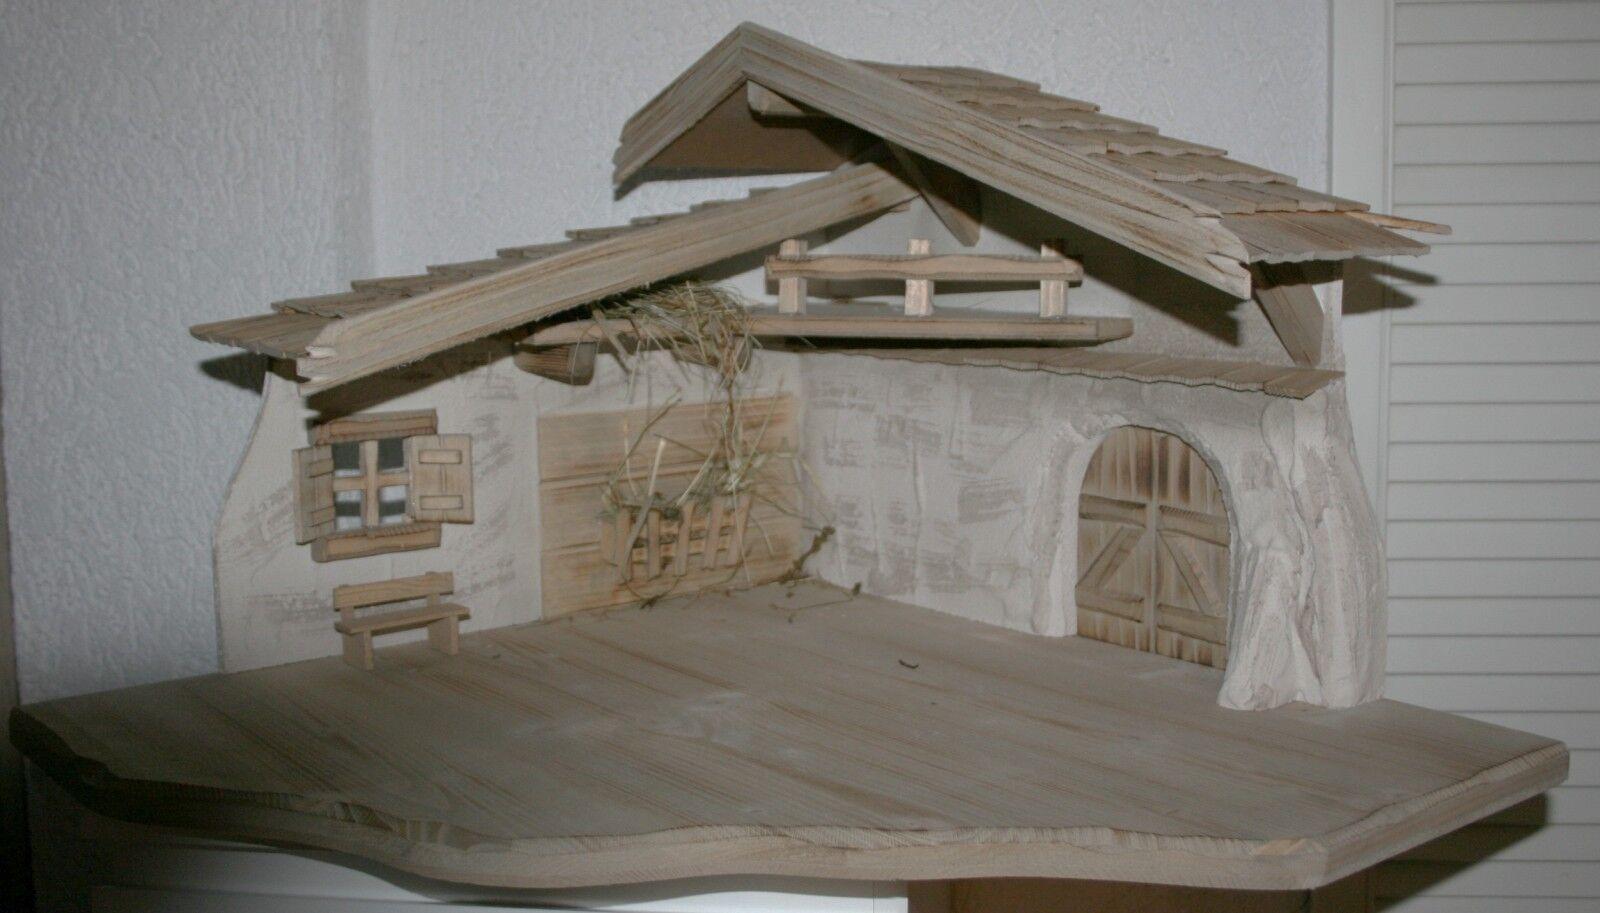 Krippe Weihnachten Holz Eckversion 90 Grad je 57 cm Seitenlänge bis 80 cm breit